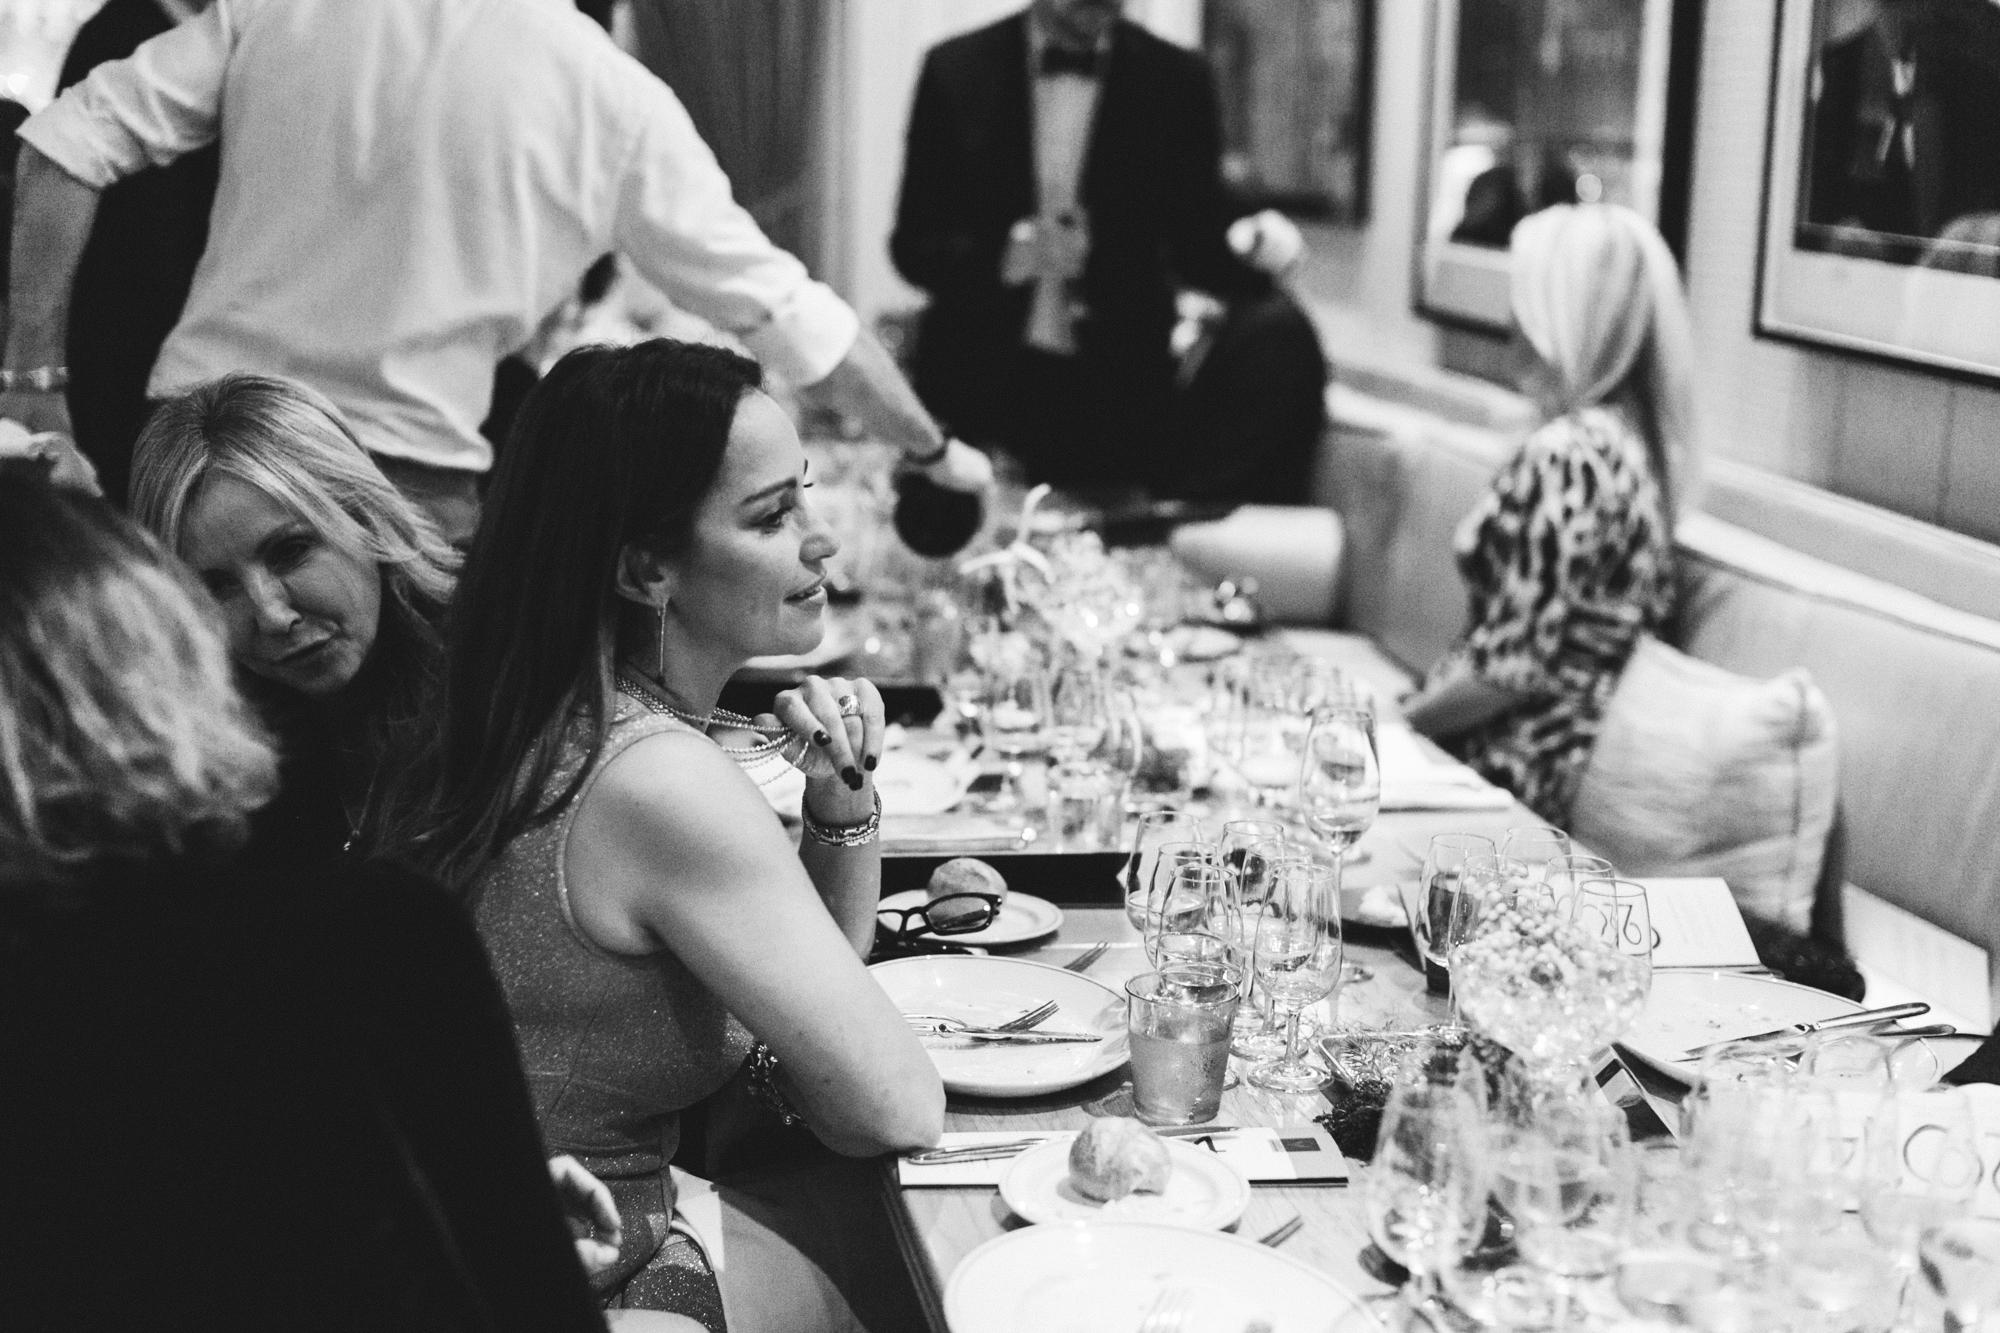 ChampagneBureauAwards_HotelCentennial_117.jpg